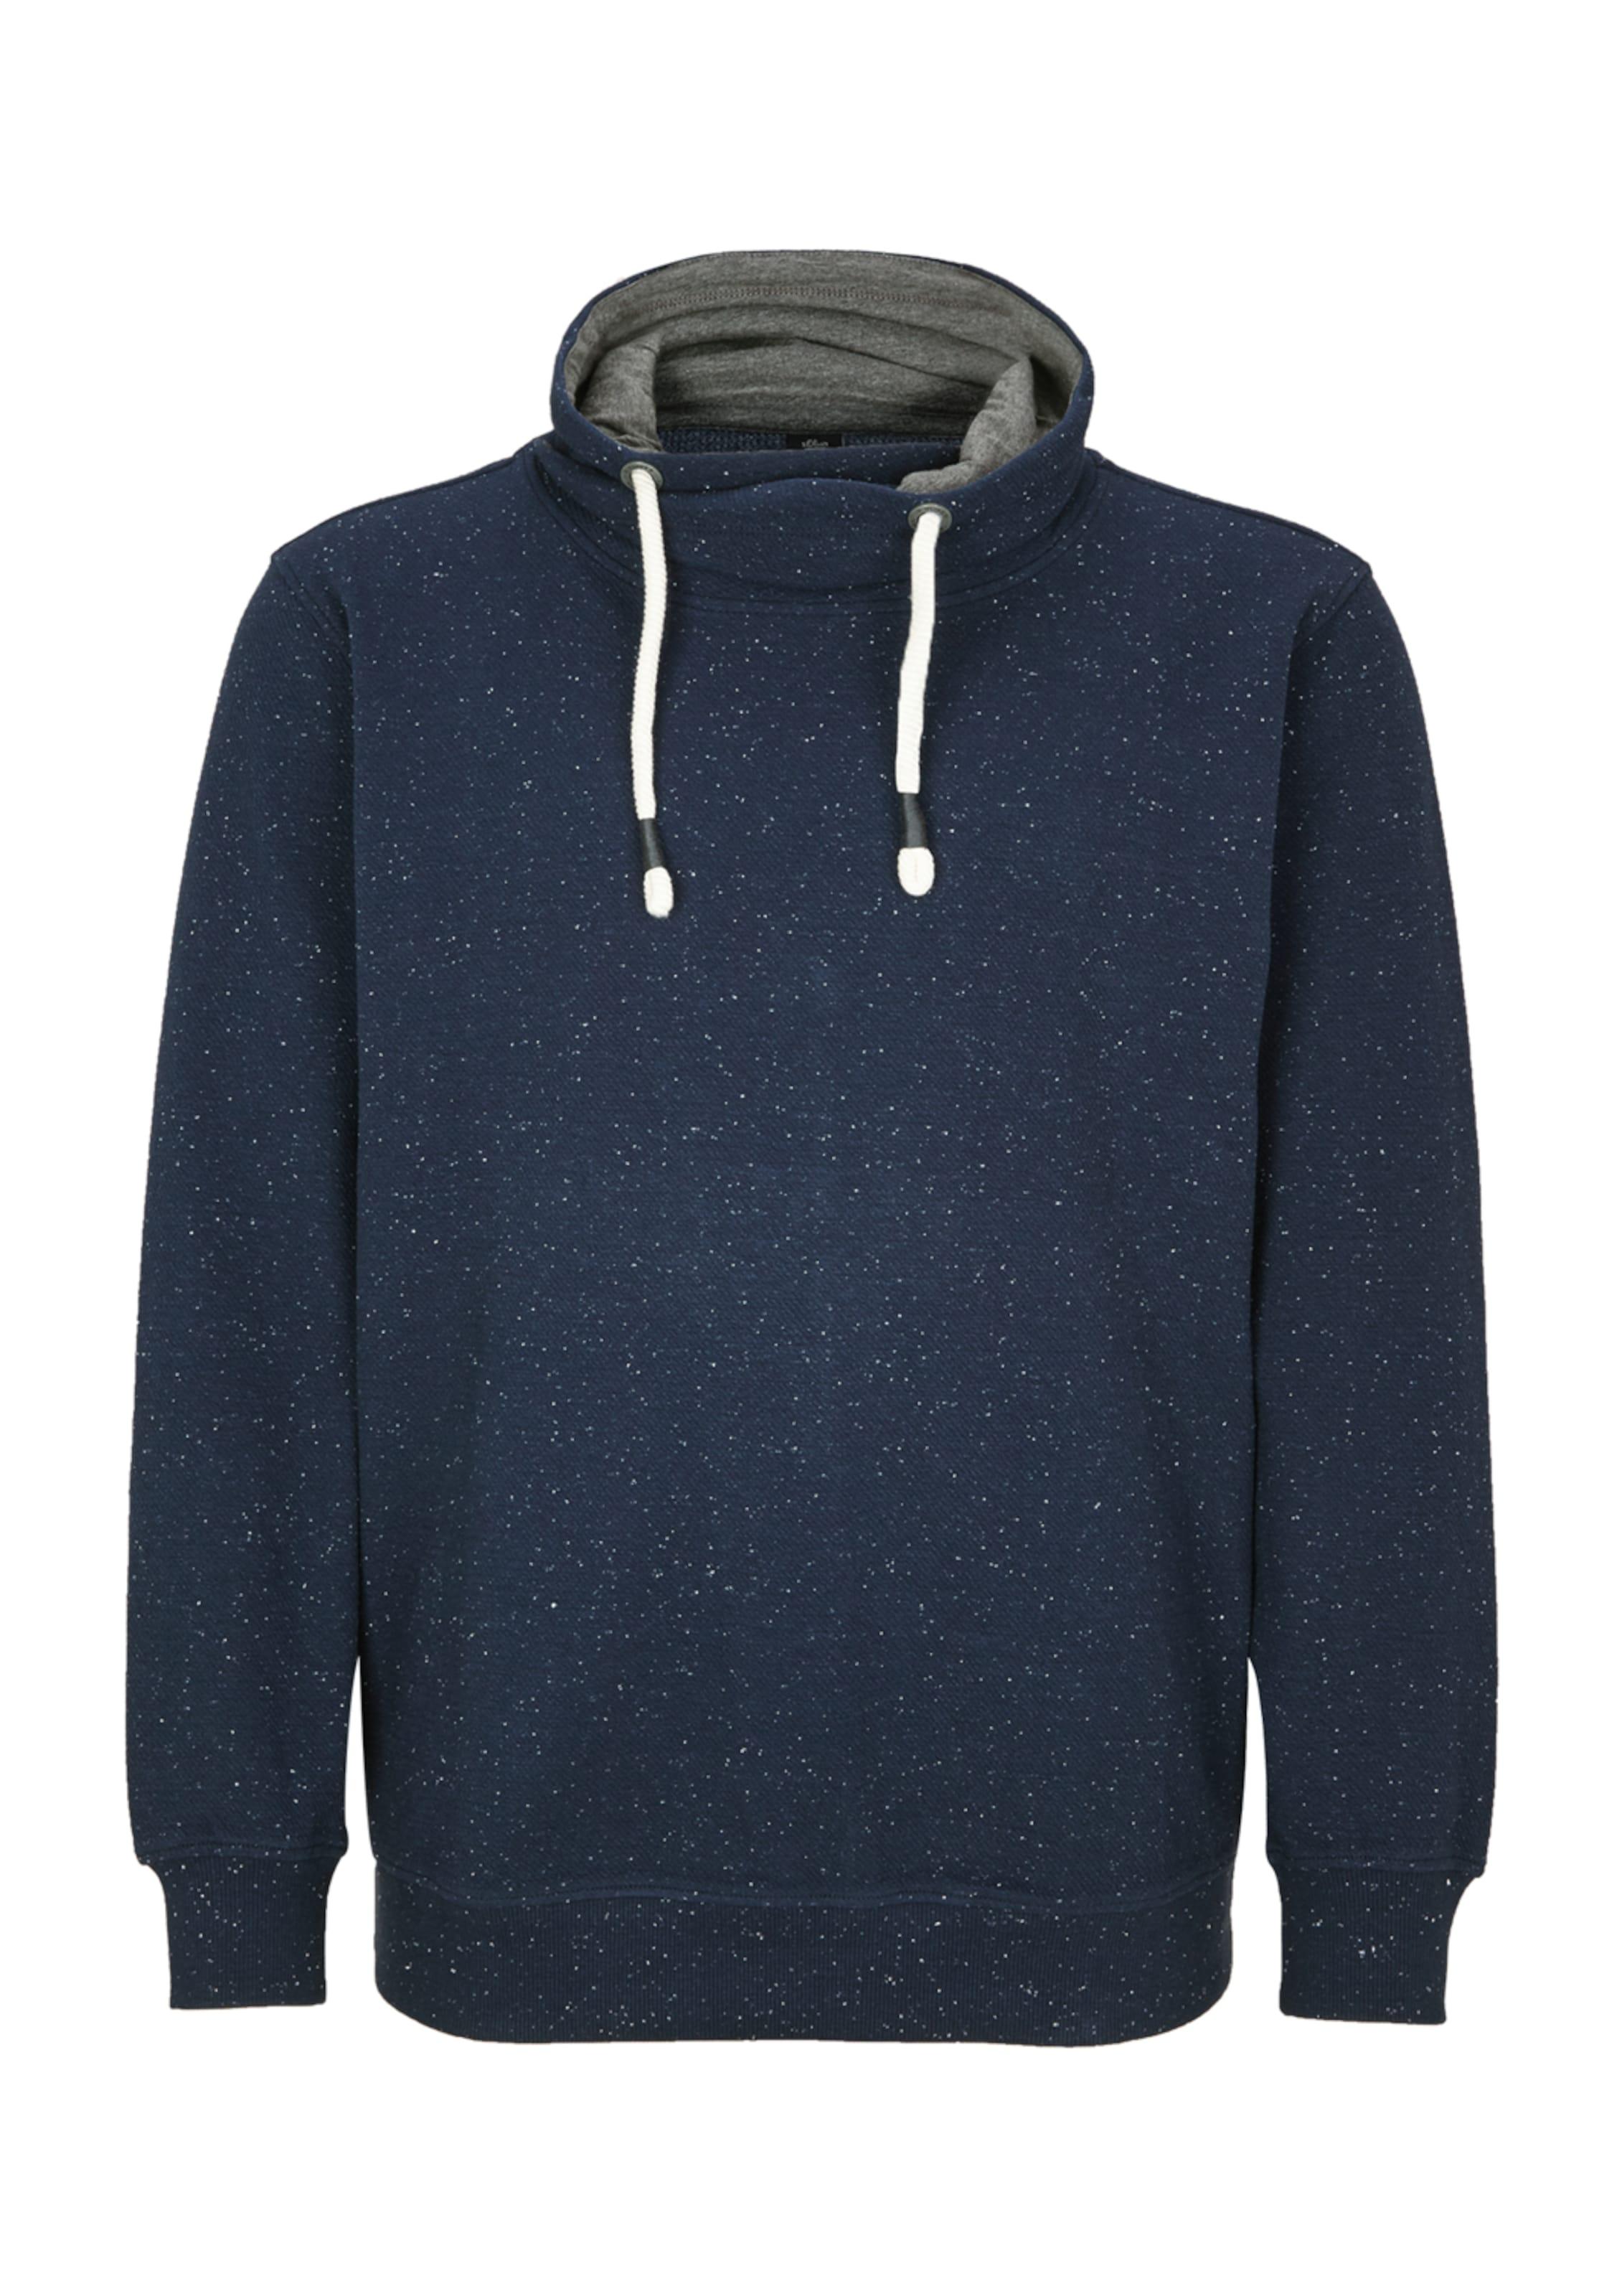 S Red Sweatshirt In Label oliver DunkelblauWeiß qSLpGUzMV